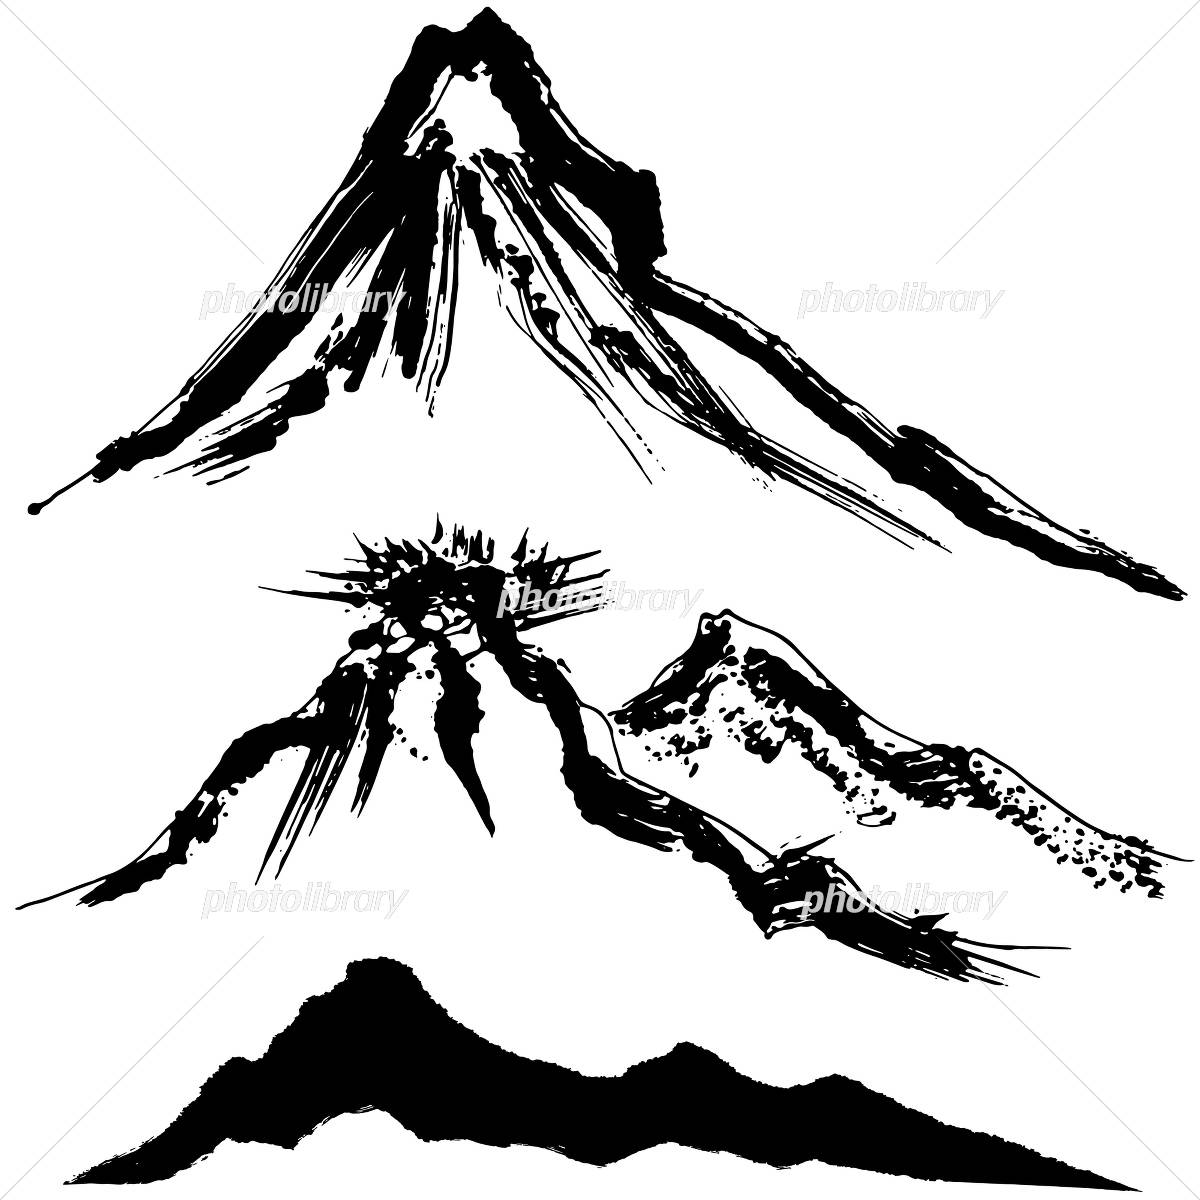 山 噴火 墨 毛筆イラスト イラスト素材 4442490 フォトライブ